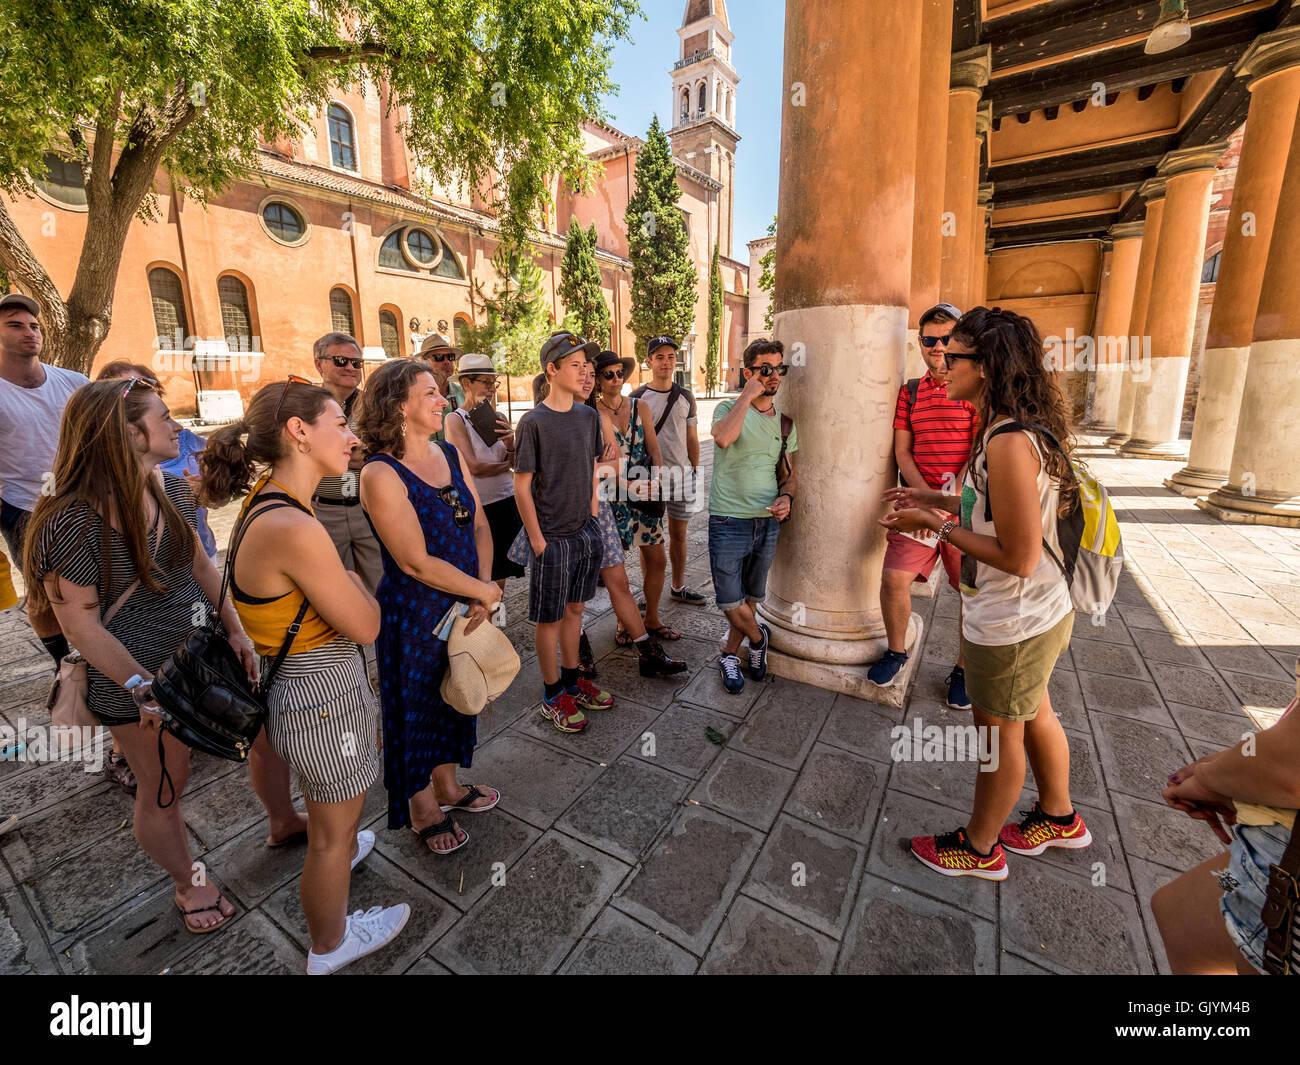 Reiseleiter auf eine Gruppe von Touristen auf einen nachhaltigen Tourismus, Rundgang durch Venedig, Italien. Stockbild